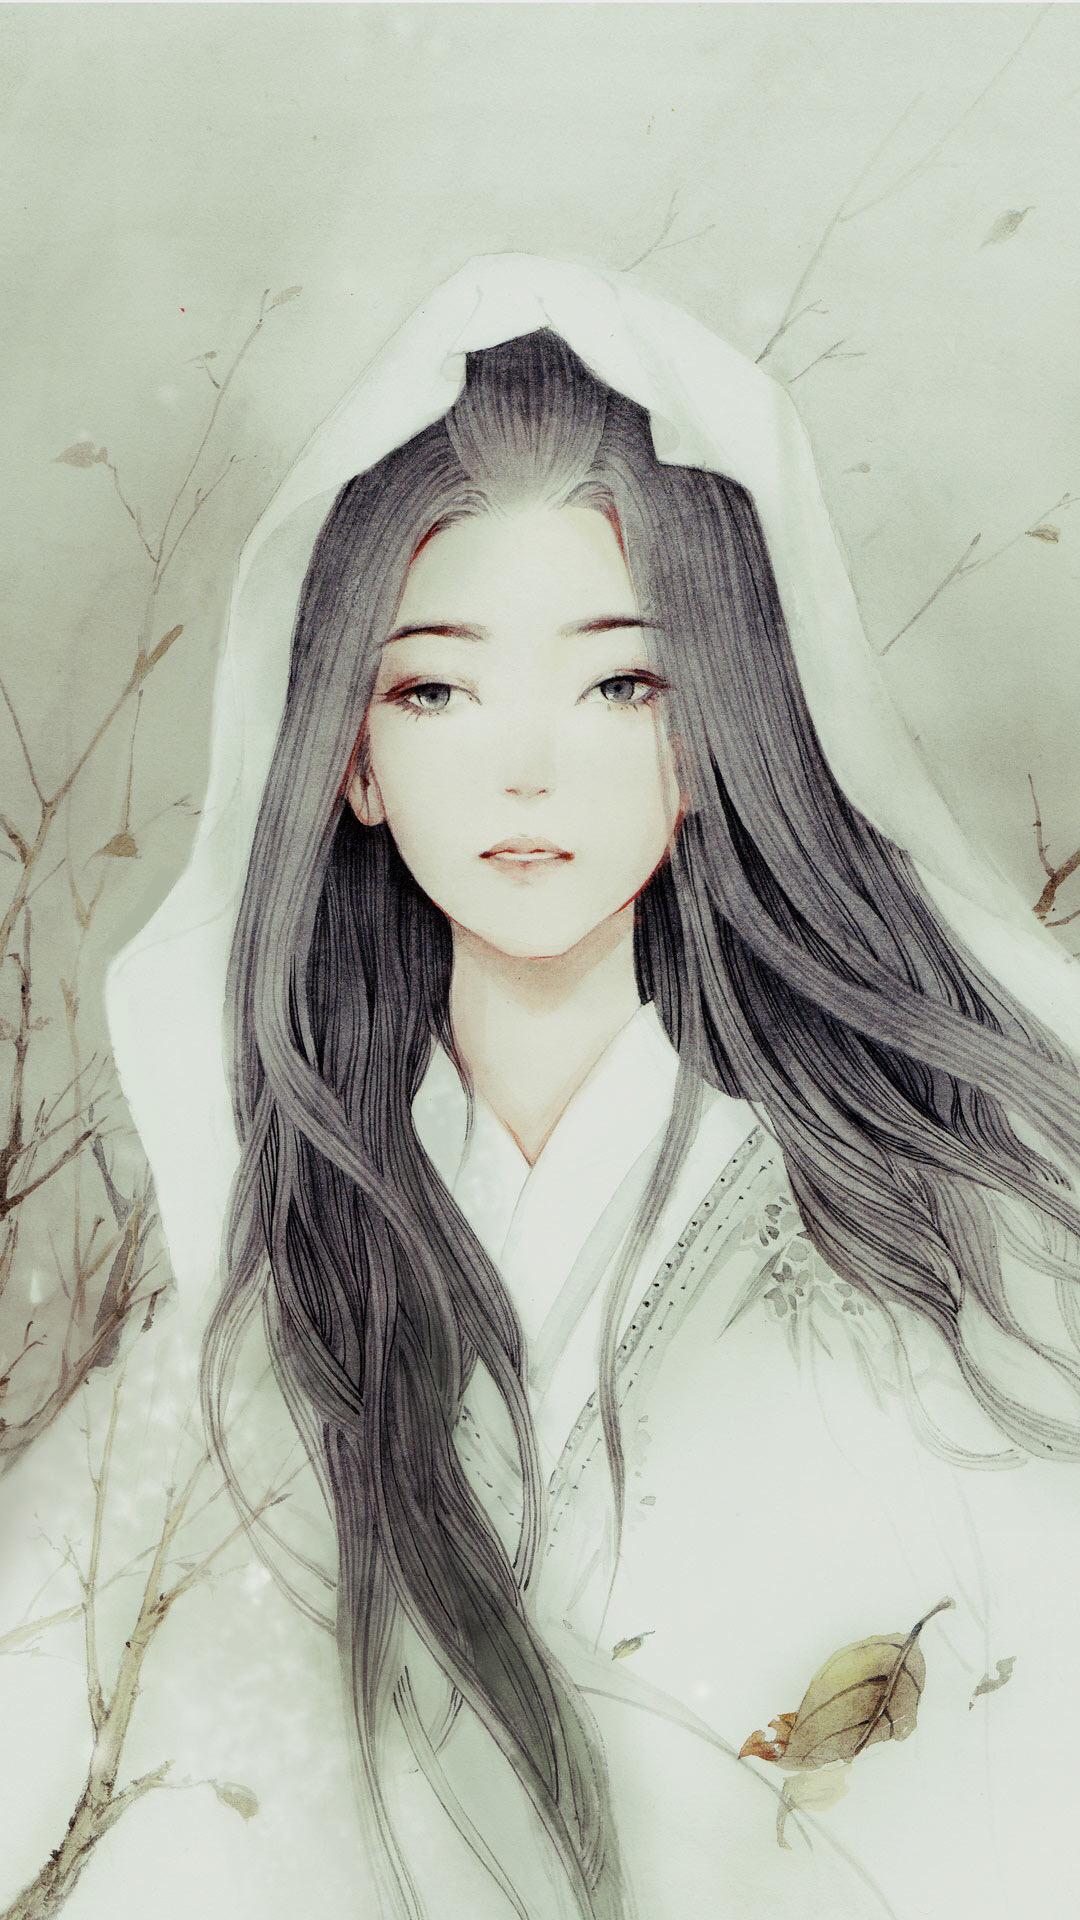 古风手绘清秀绝俗美女子壁纸,巫山的云彩消失了,留下